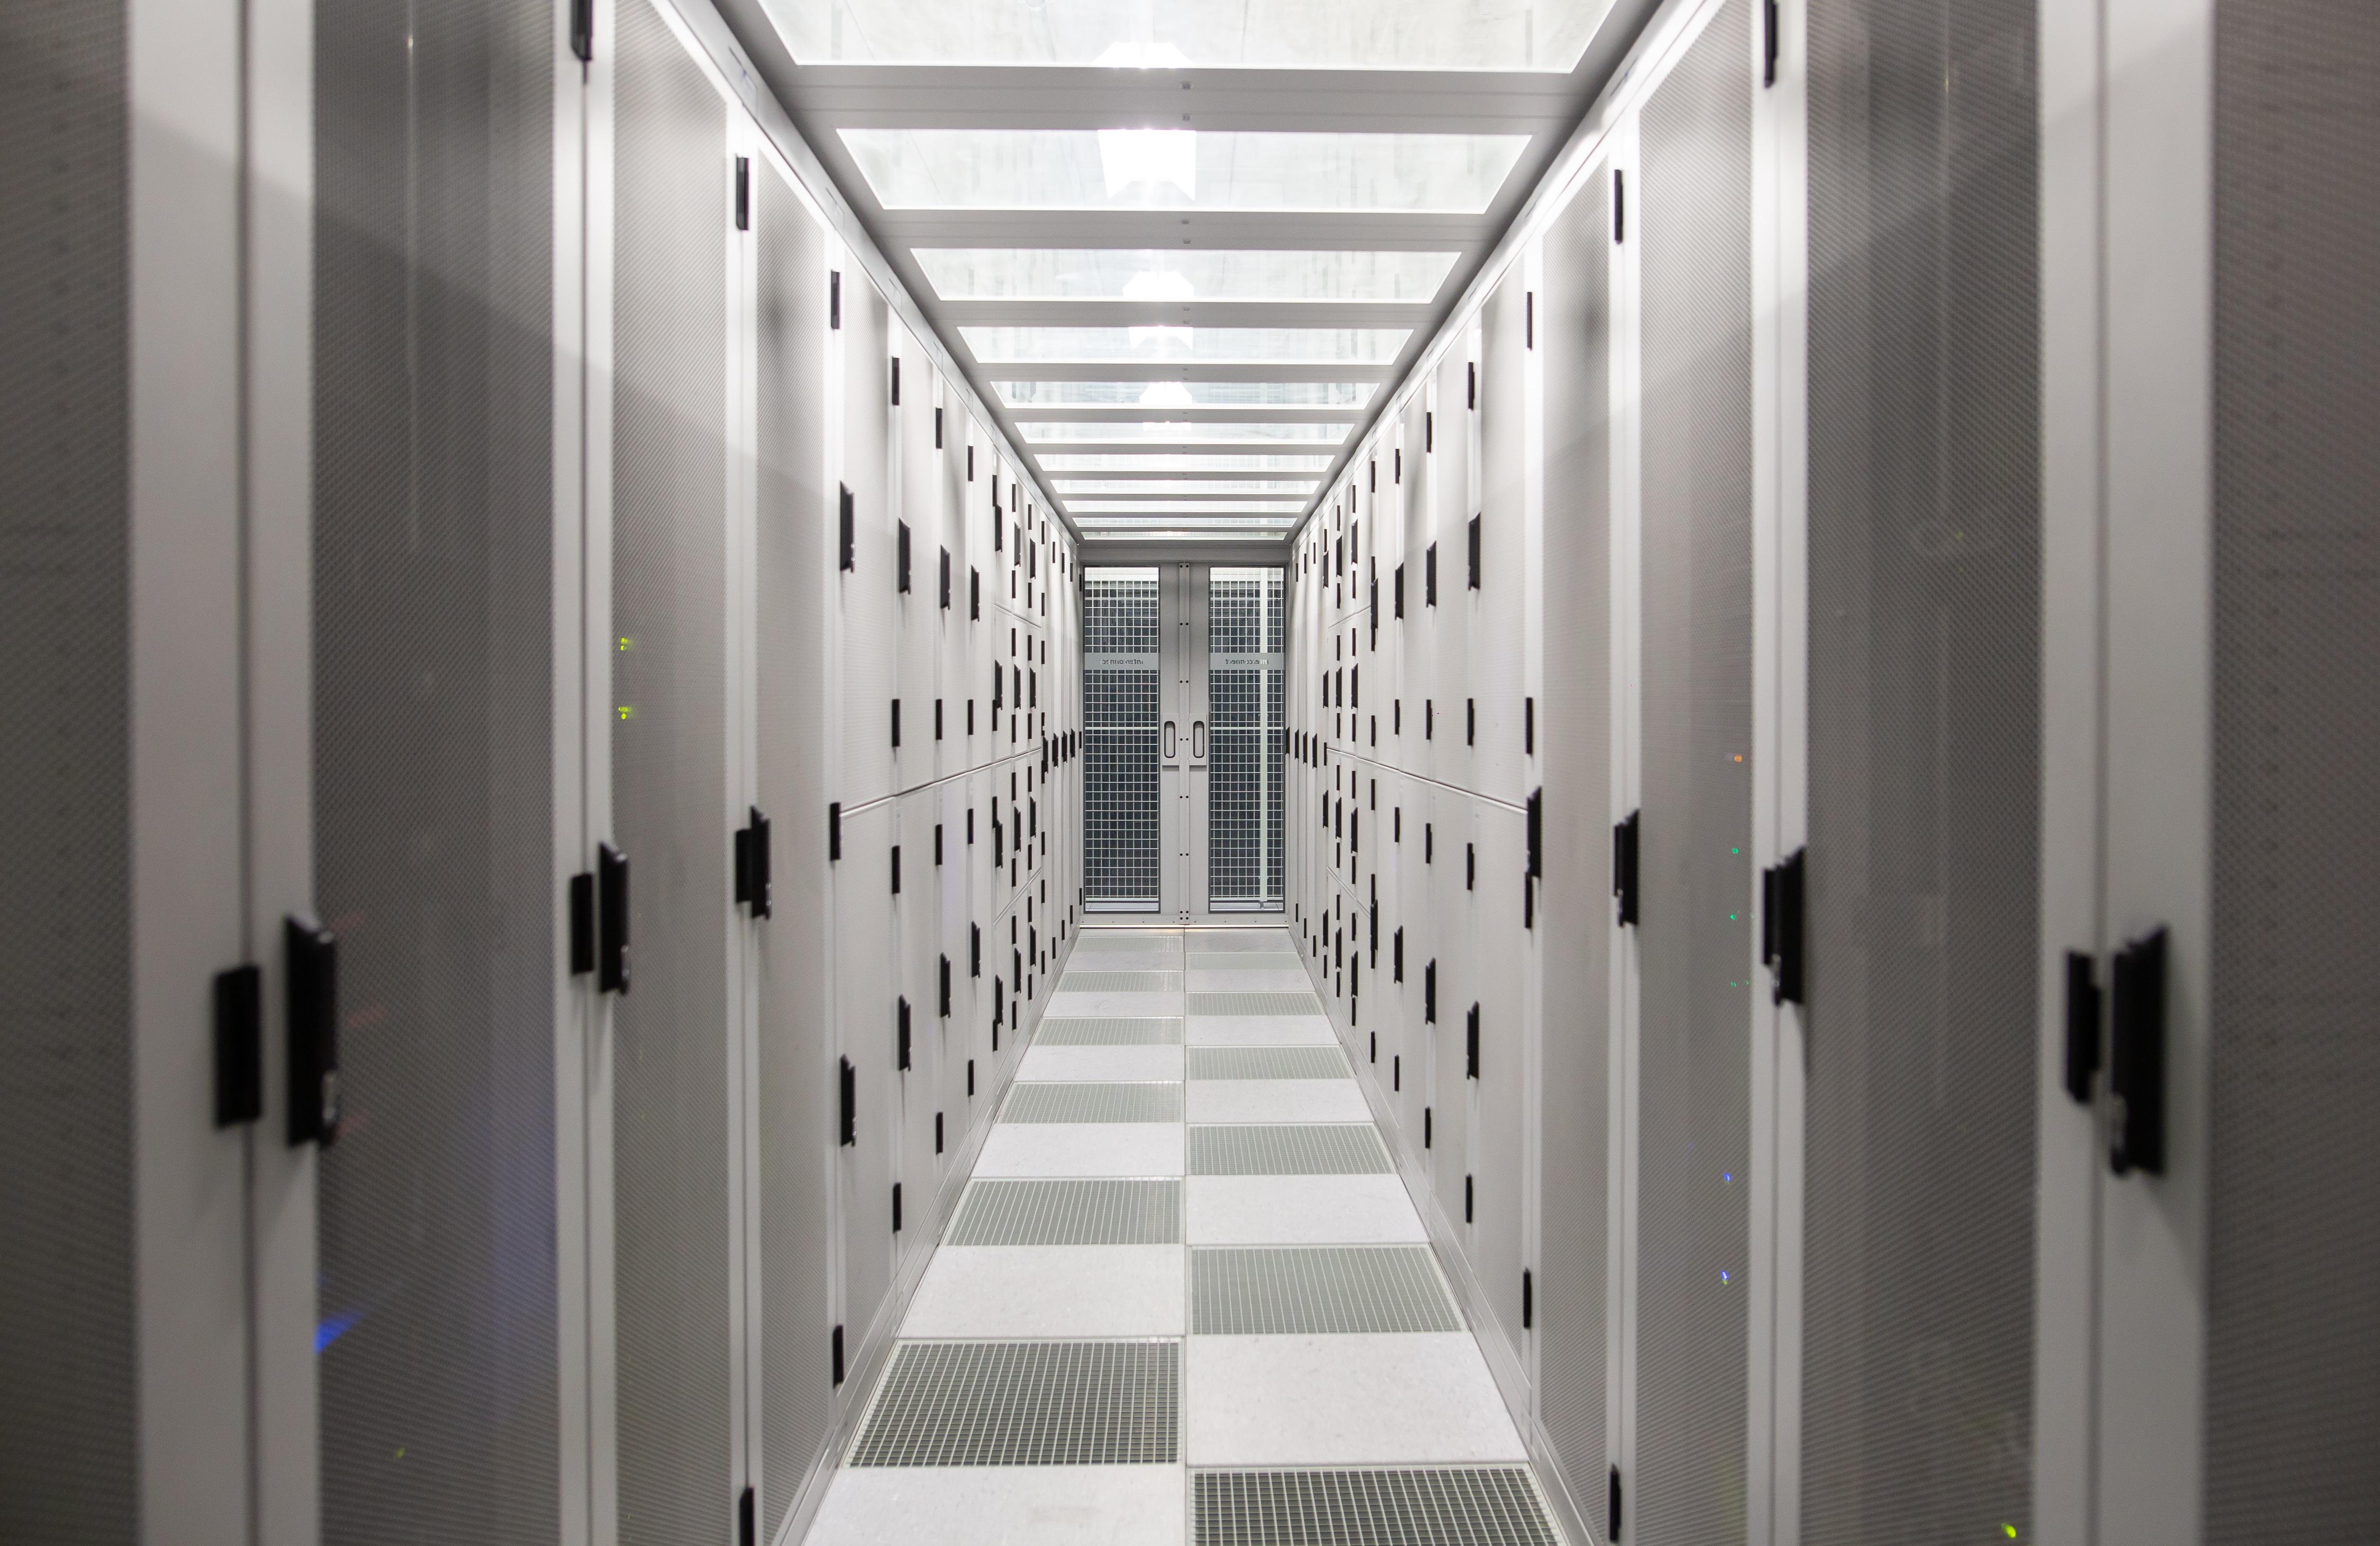 Waarom zijn er datacenters?